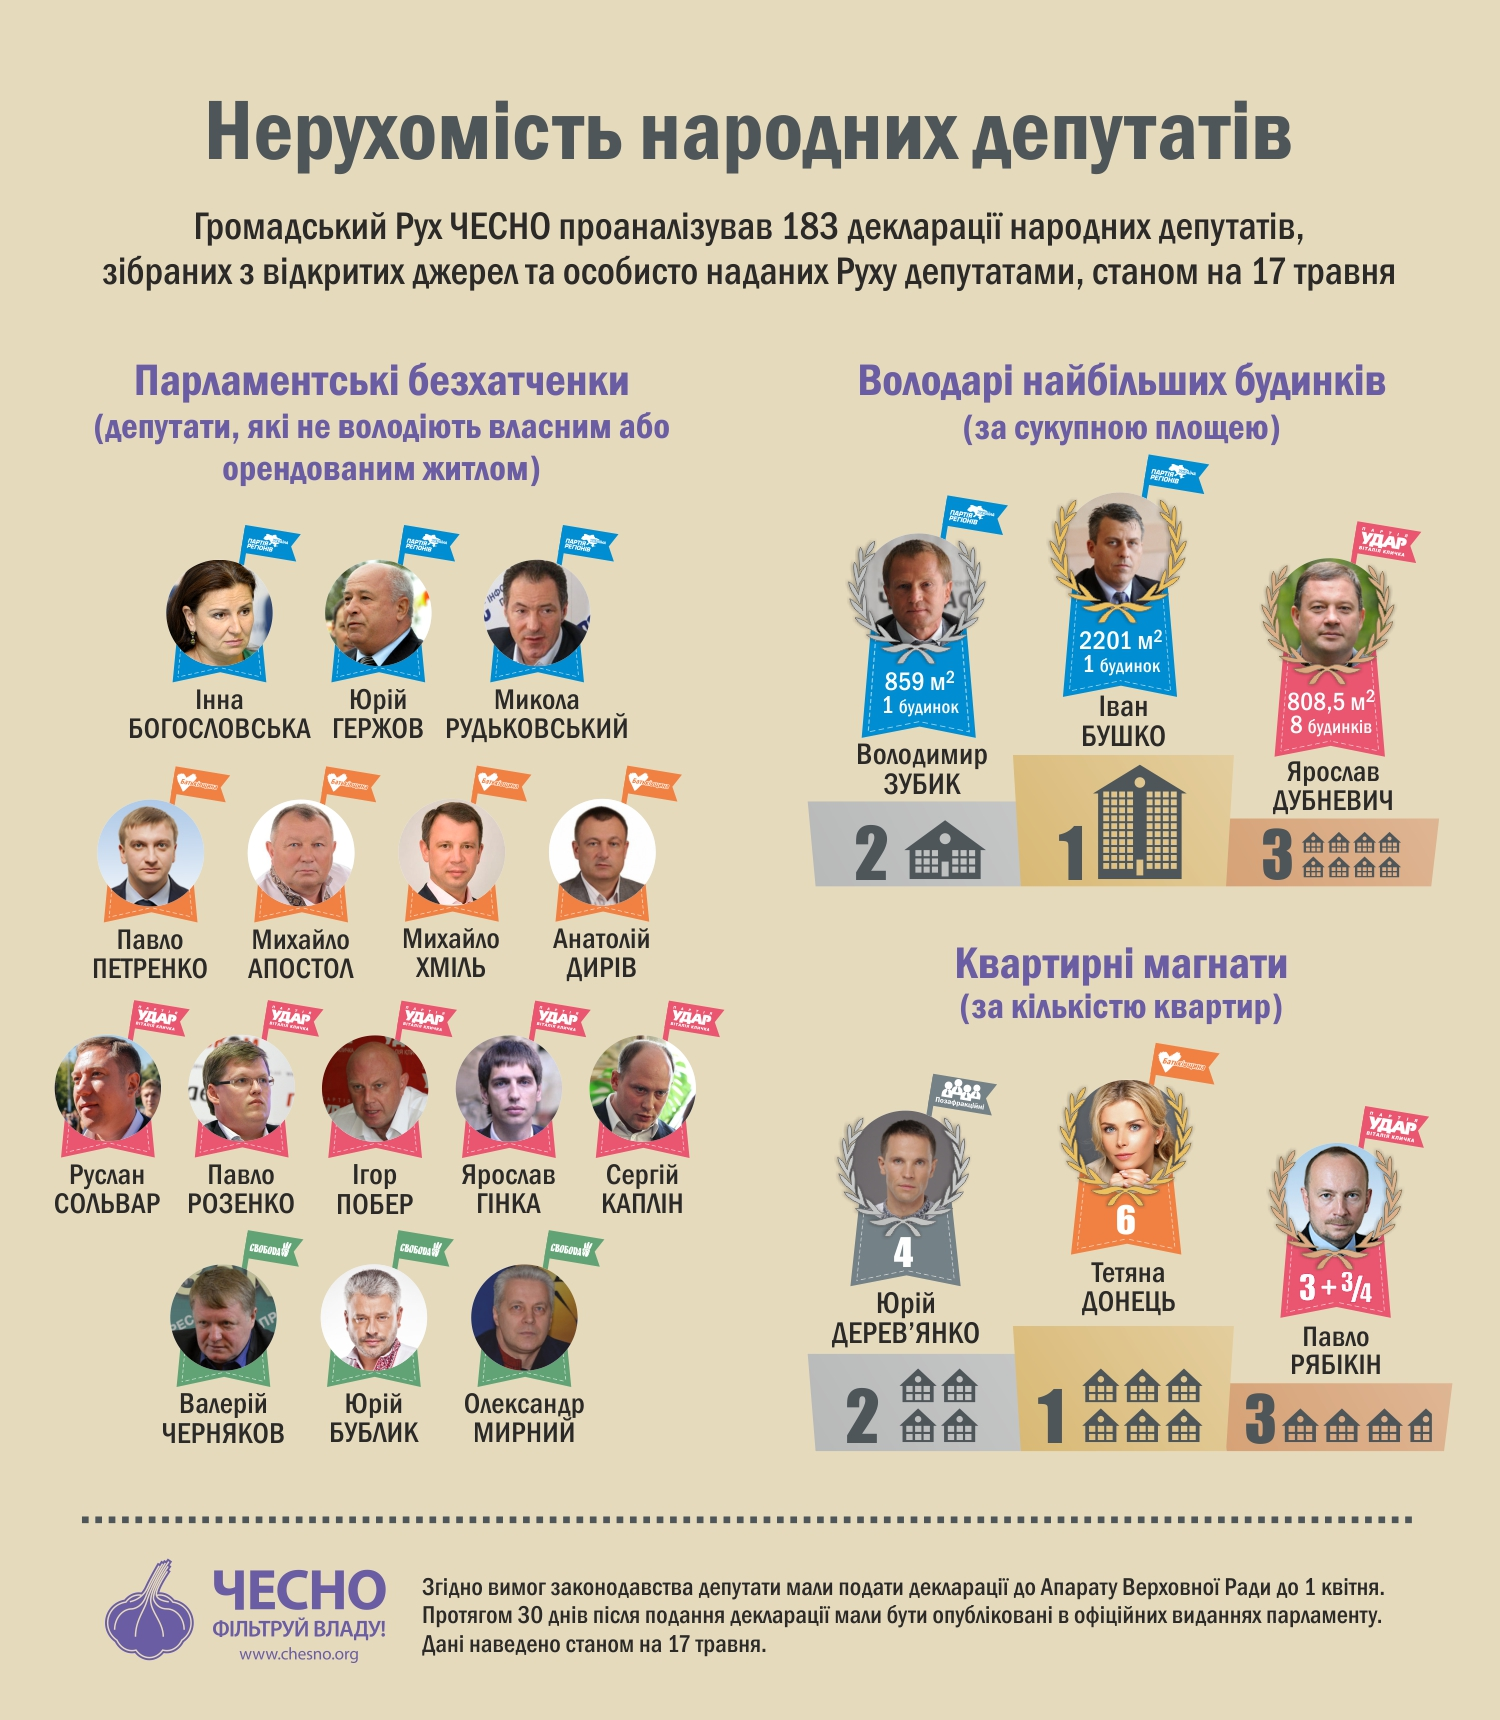 Ни кола, ни двора: 15 депутатов Рады не имеют жилья